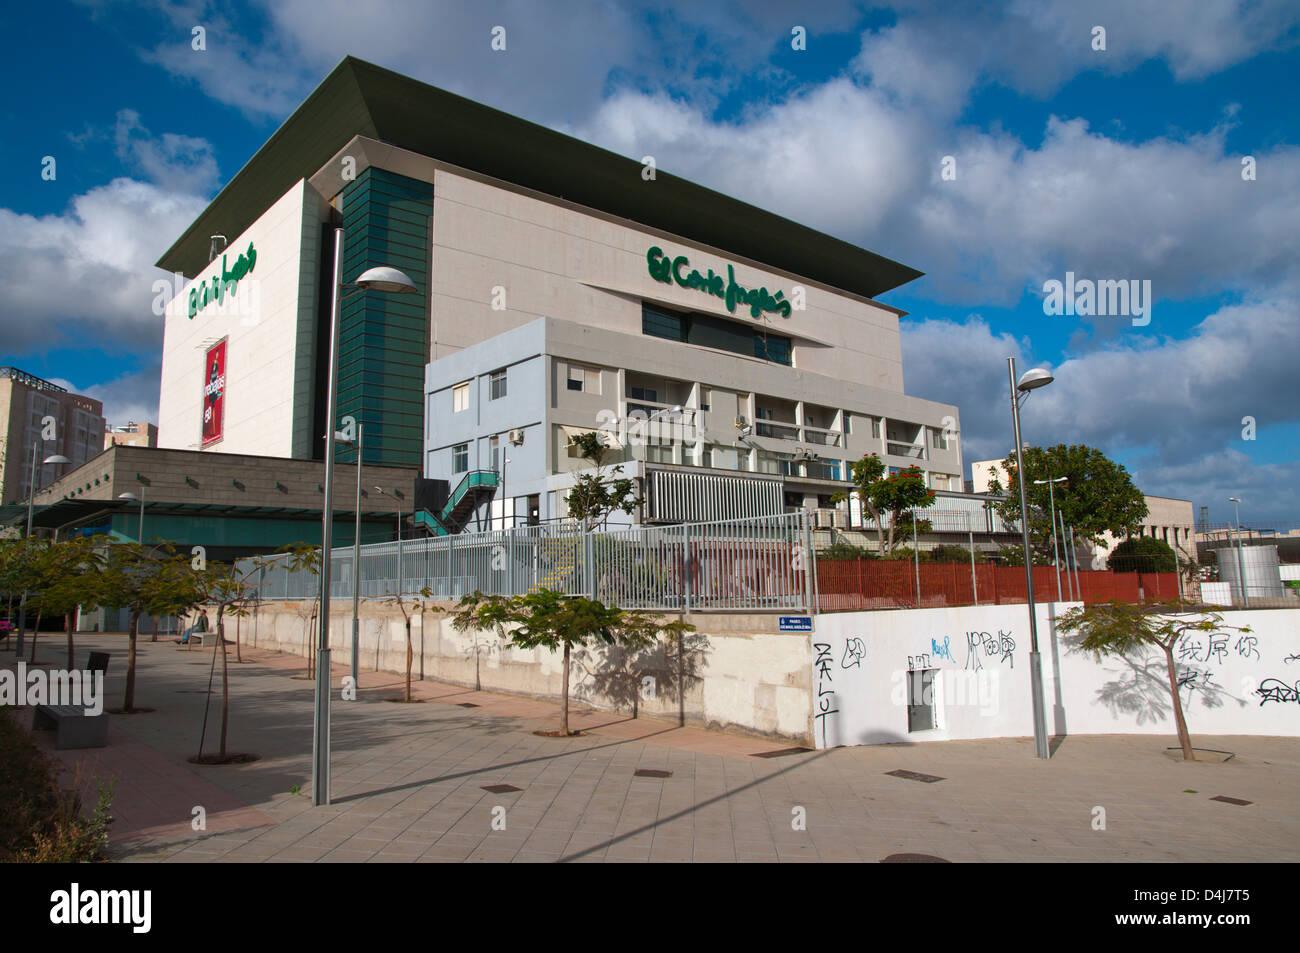 El Corte Ingles Kaufhaus Santa Cruz Stadt Teneriffa Insel Kanaren Spanien Stockbild